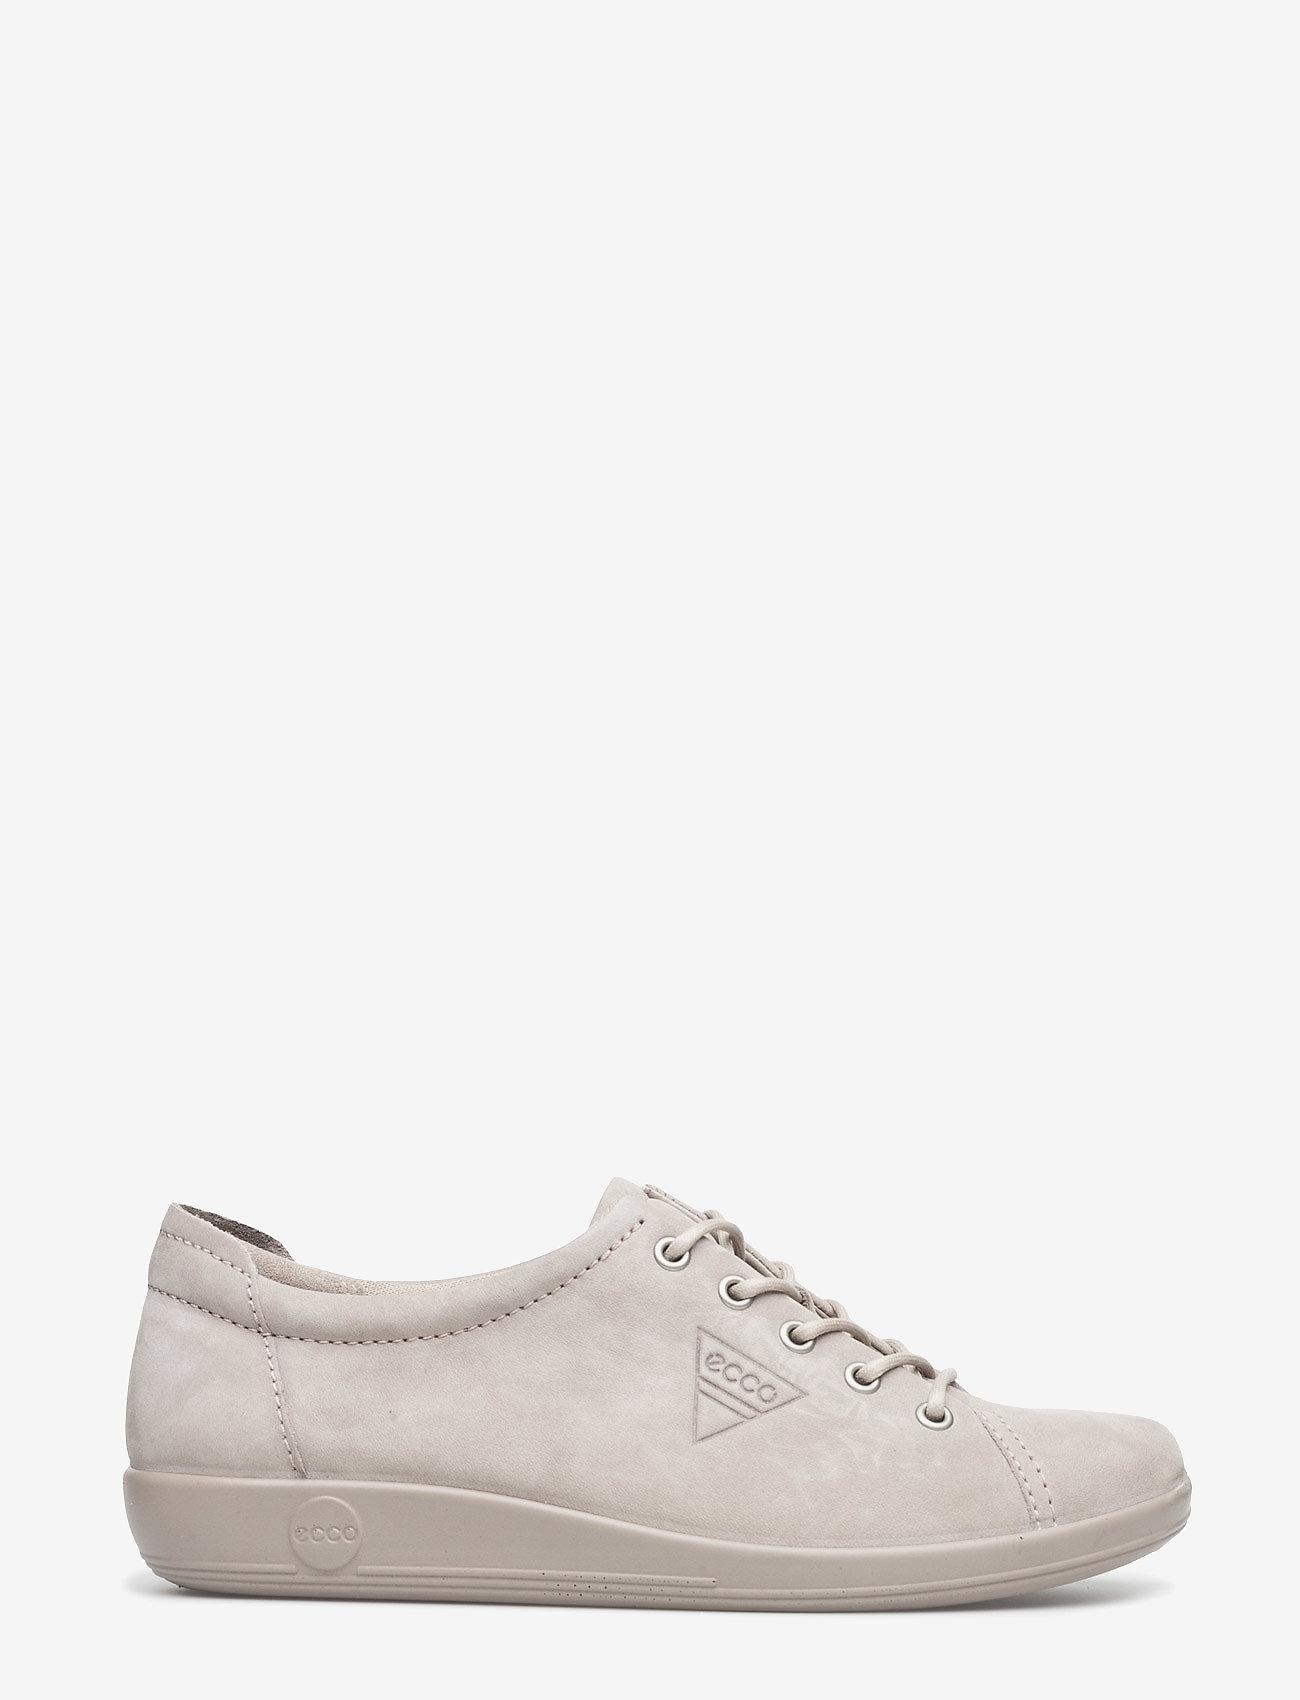 ECCO - SOFT 2.0 - låga sneakers - moon rock - 1